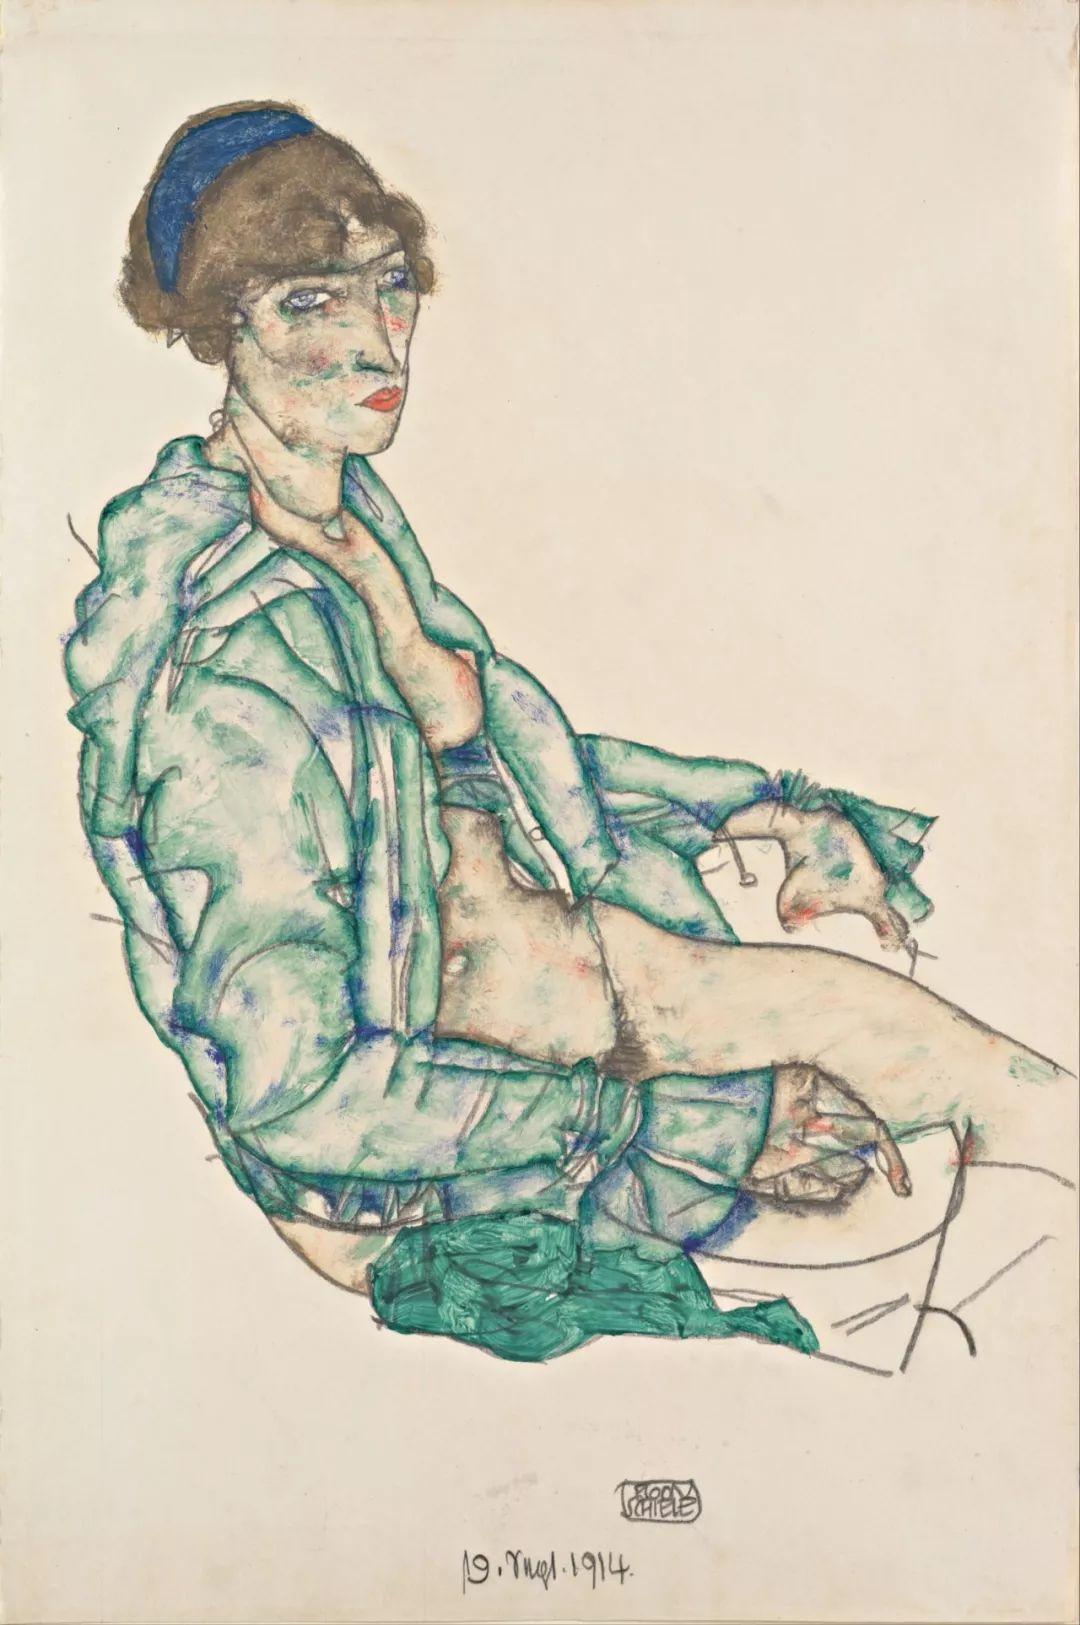 年仅28岁,生前遭受非议,死后却被捧为直逼心灵的艺术家插图87